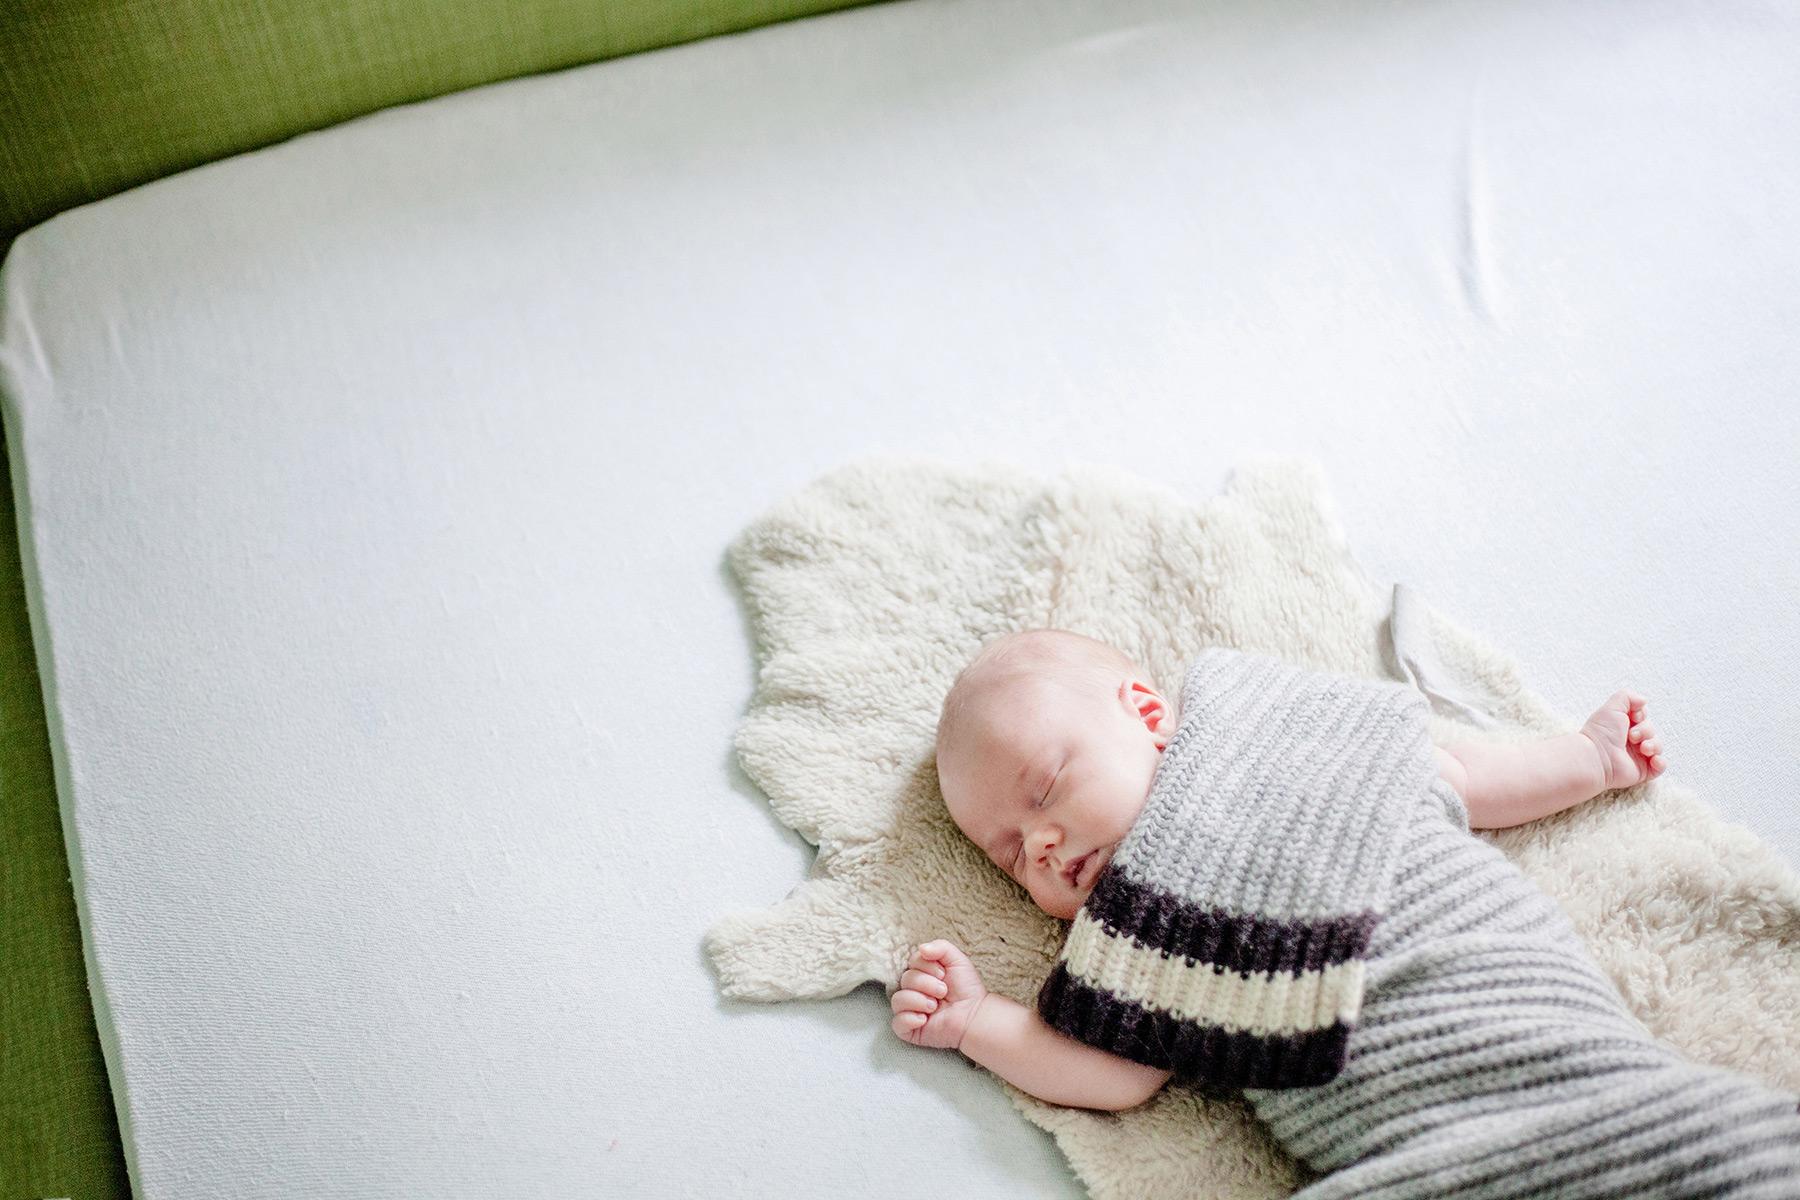 Baby liegt schlafend, von einem Schal bedeckt, auf einem Lammfell im Bett seiner Eltern